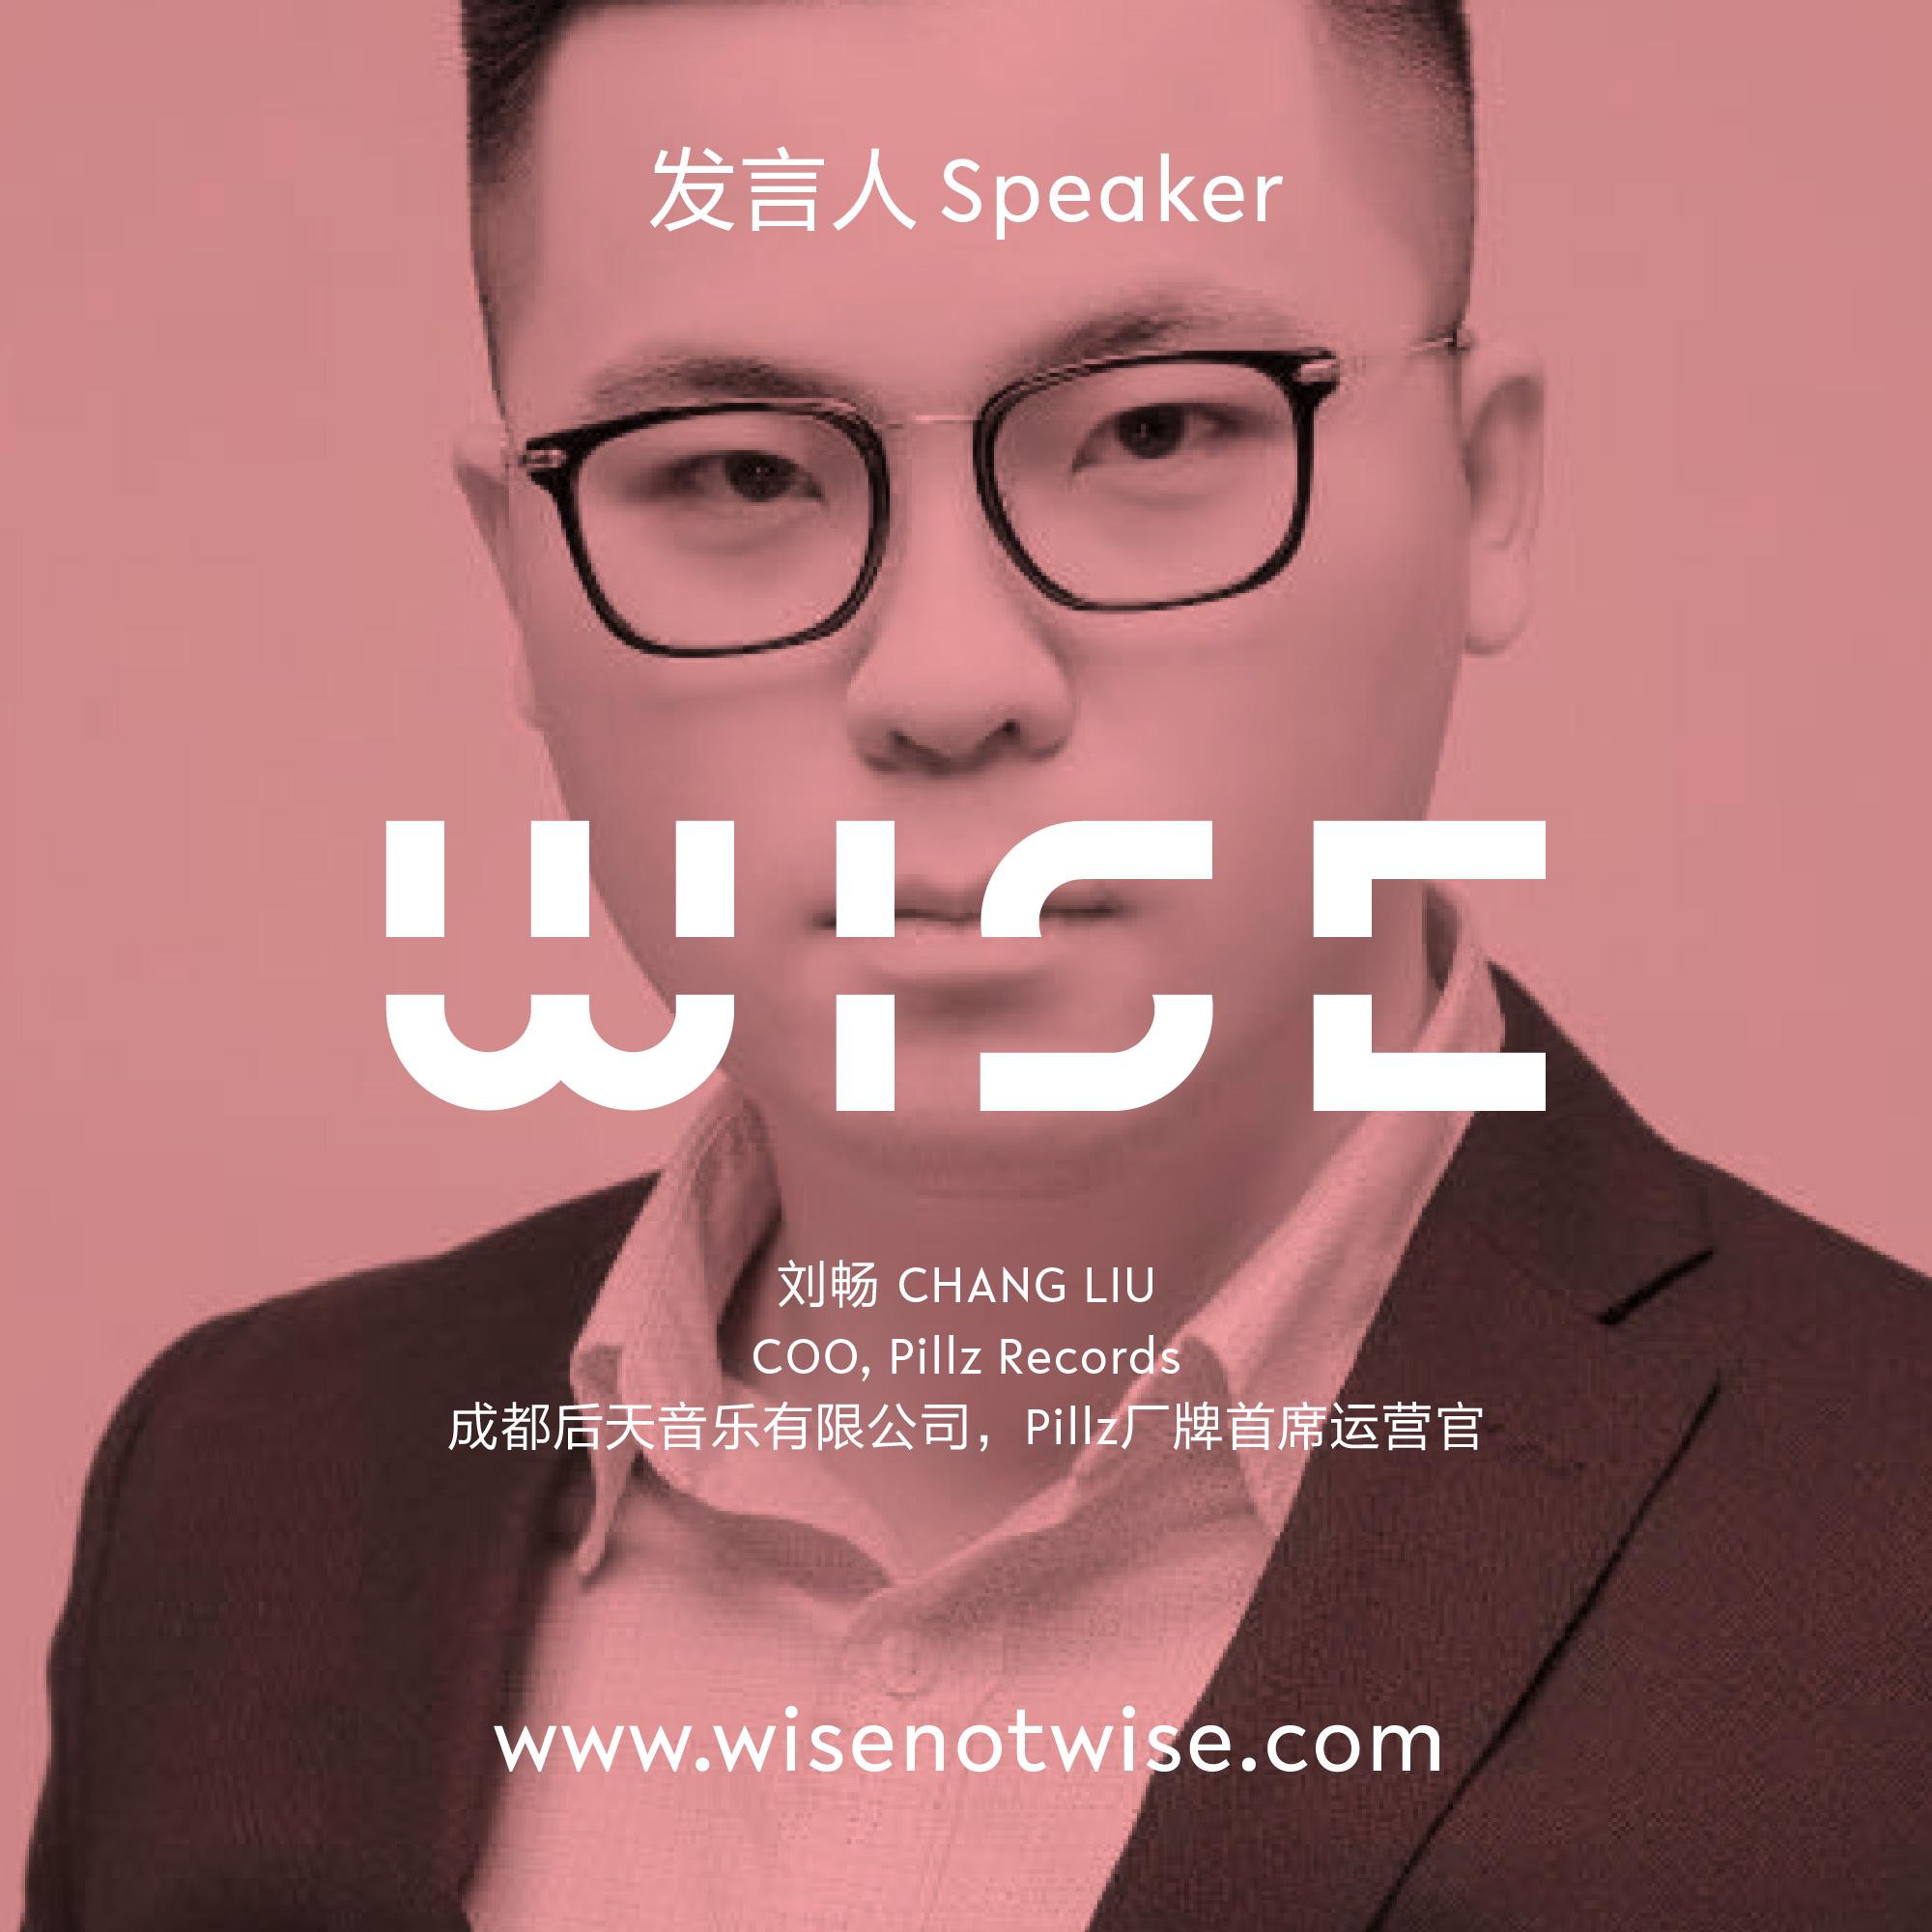 刘畅,成都后天音乐有限公司,Pillz厂牌首席运营官。